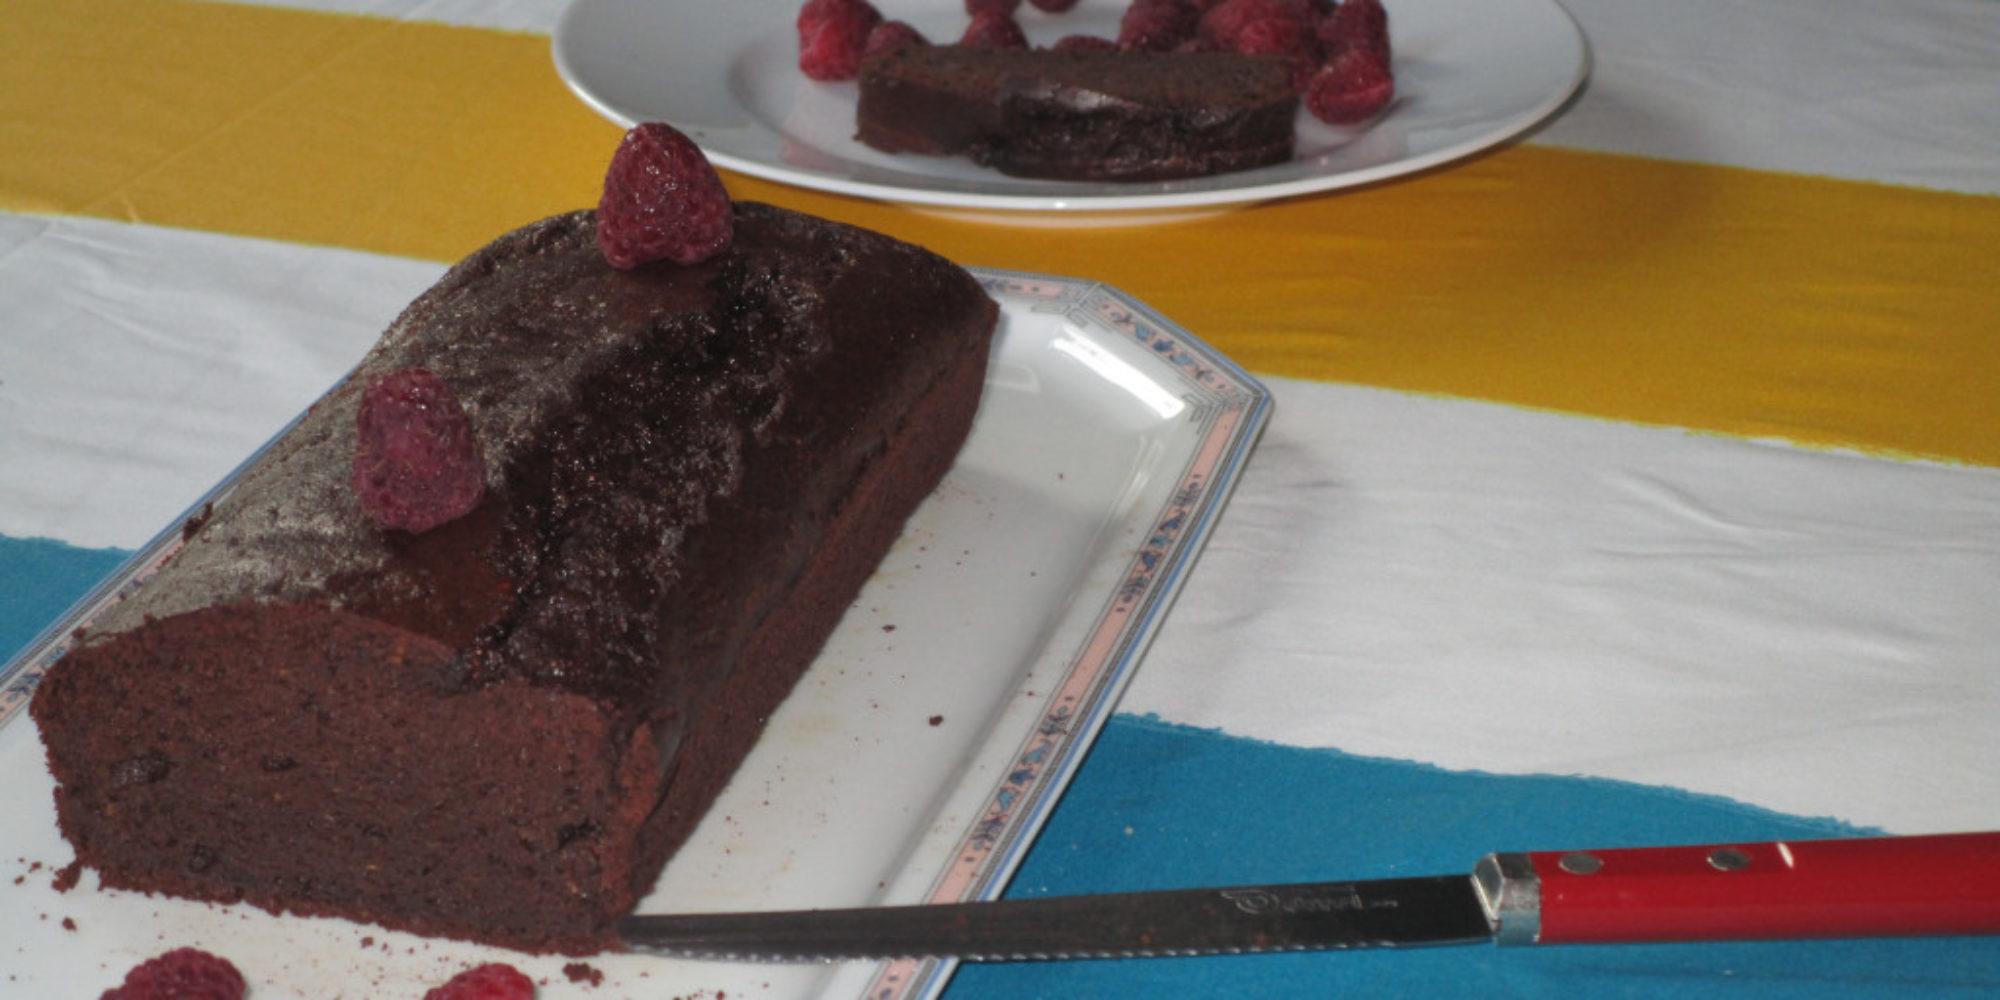 La courgette à la place du beurre dans un gâteau au chocolat?